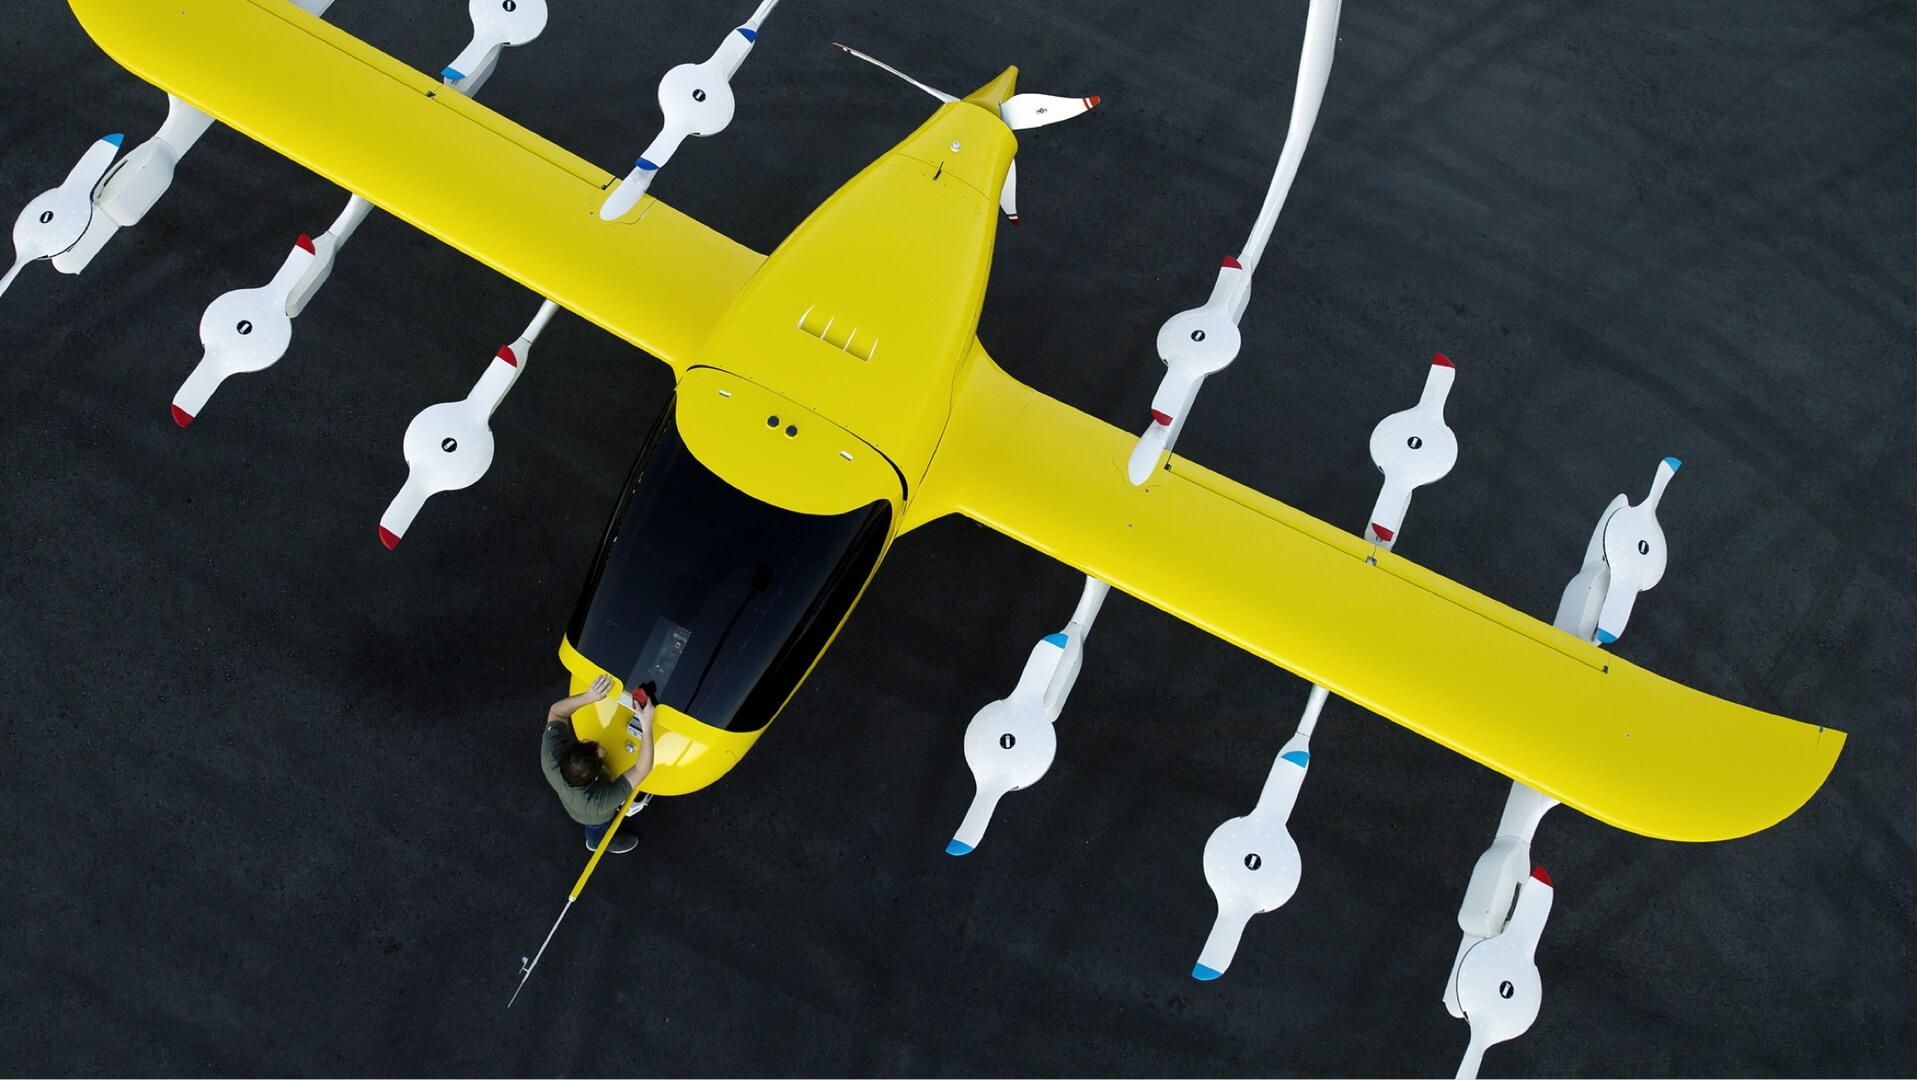 12 подъемных вентиляторов Cora для вертикального взлета и посадки